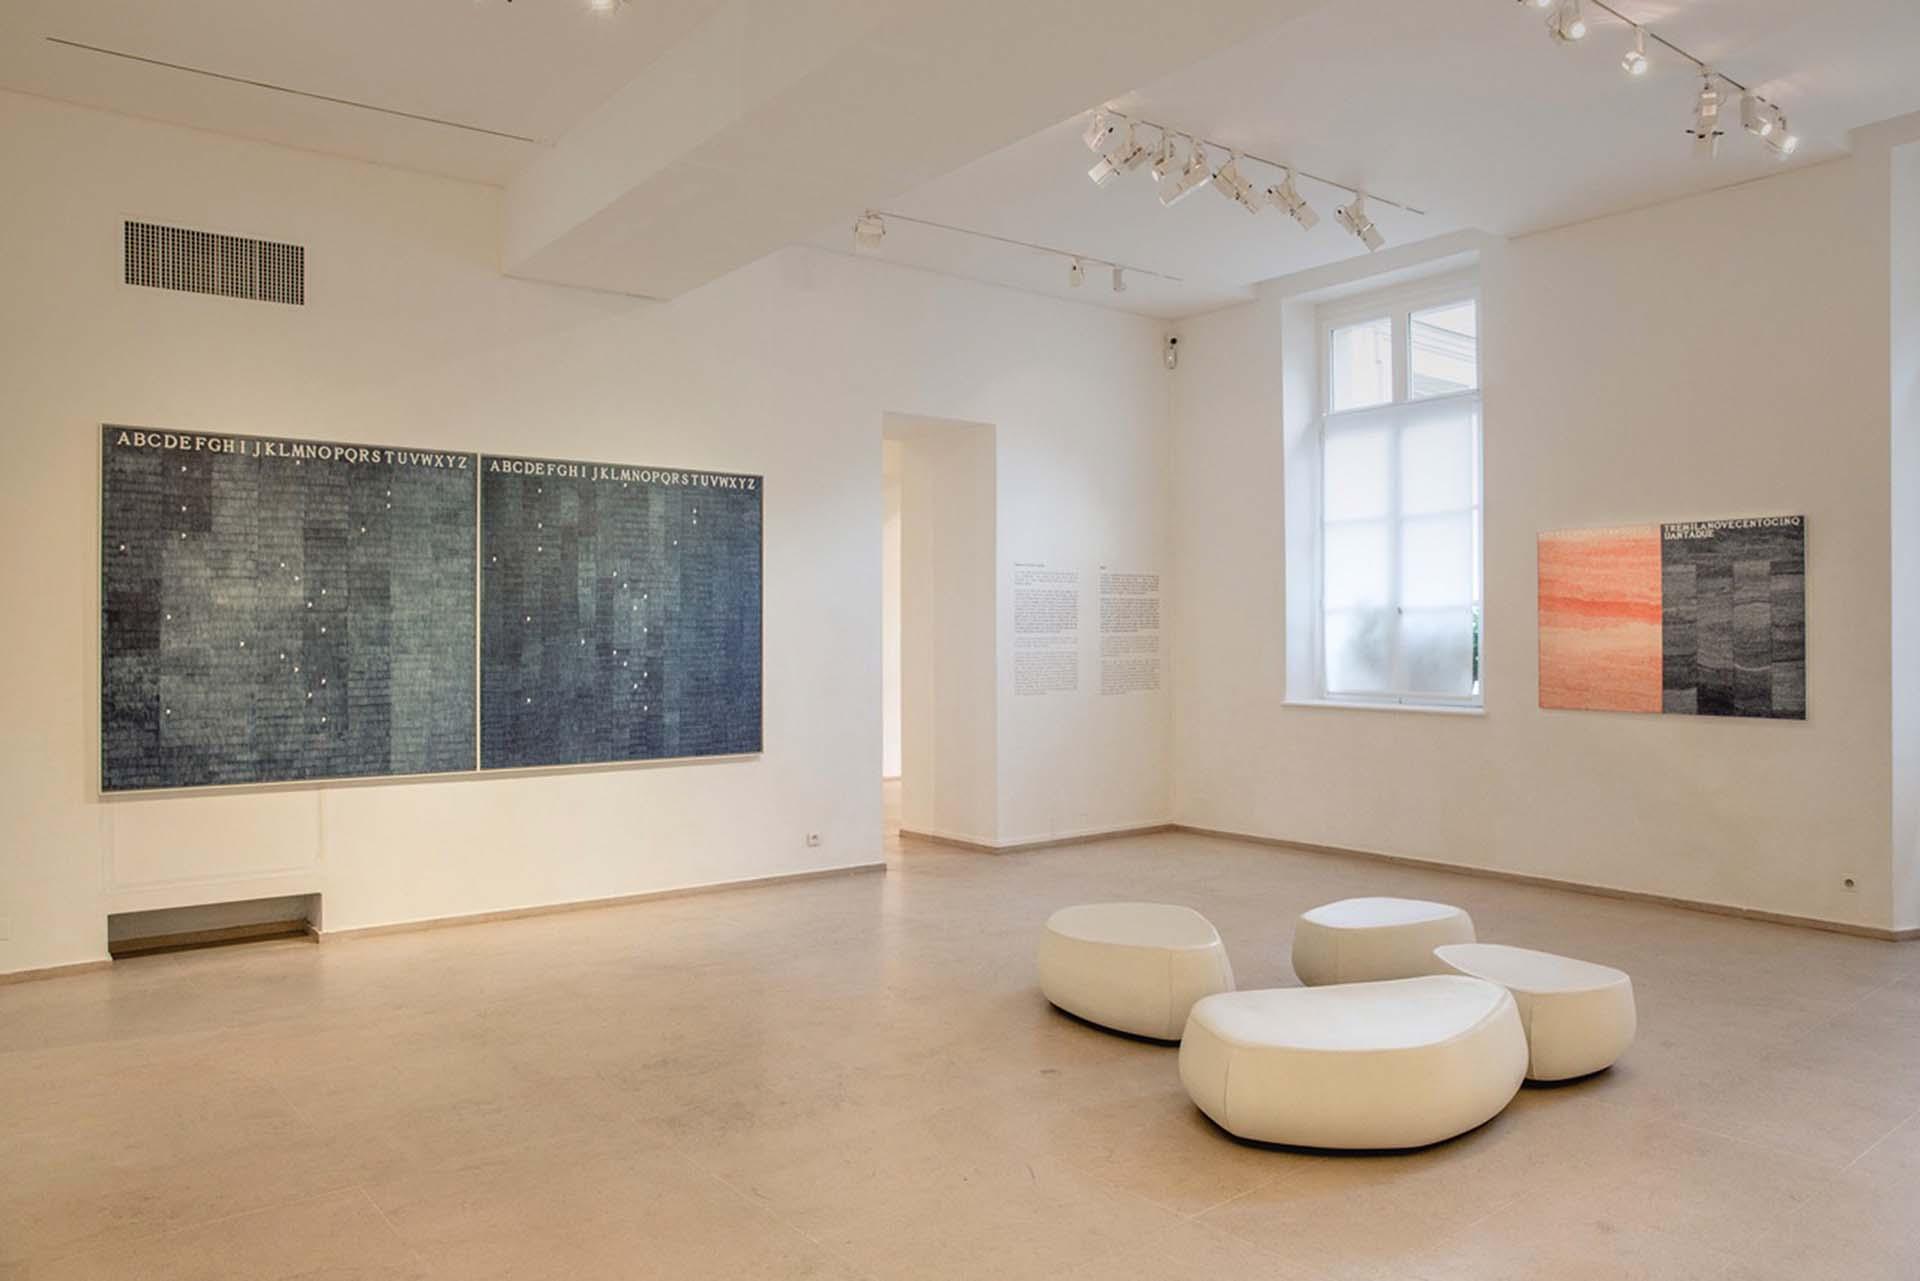 Exposition-Alighiero-Boetti-2017-Tornabuoni-Art-Paris-Courtesy-Tornabuoni-Art_3